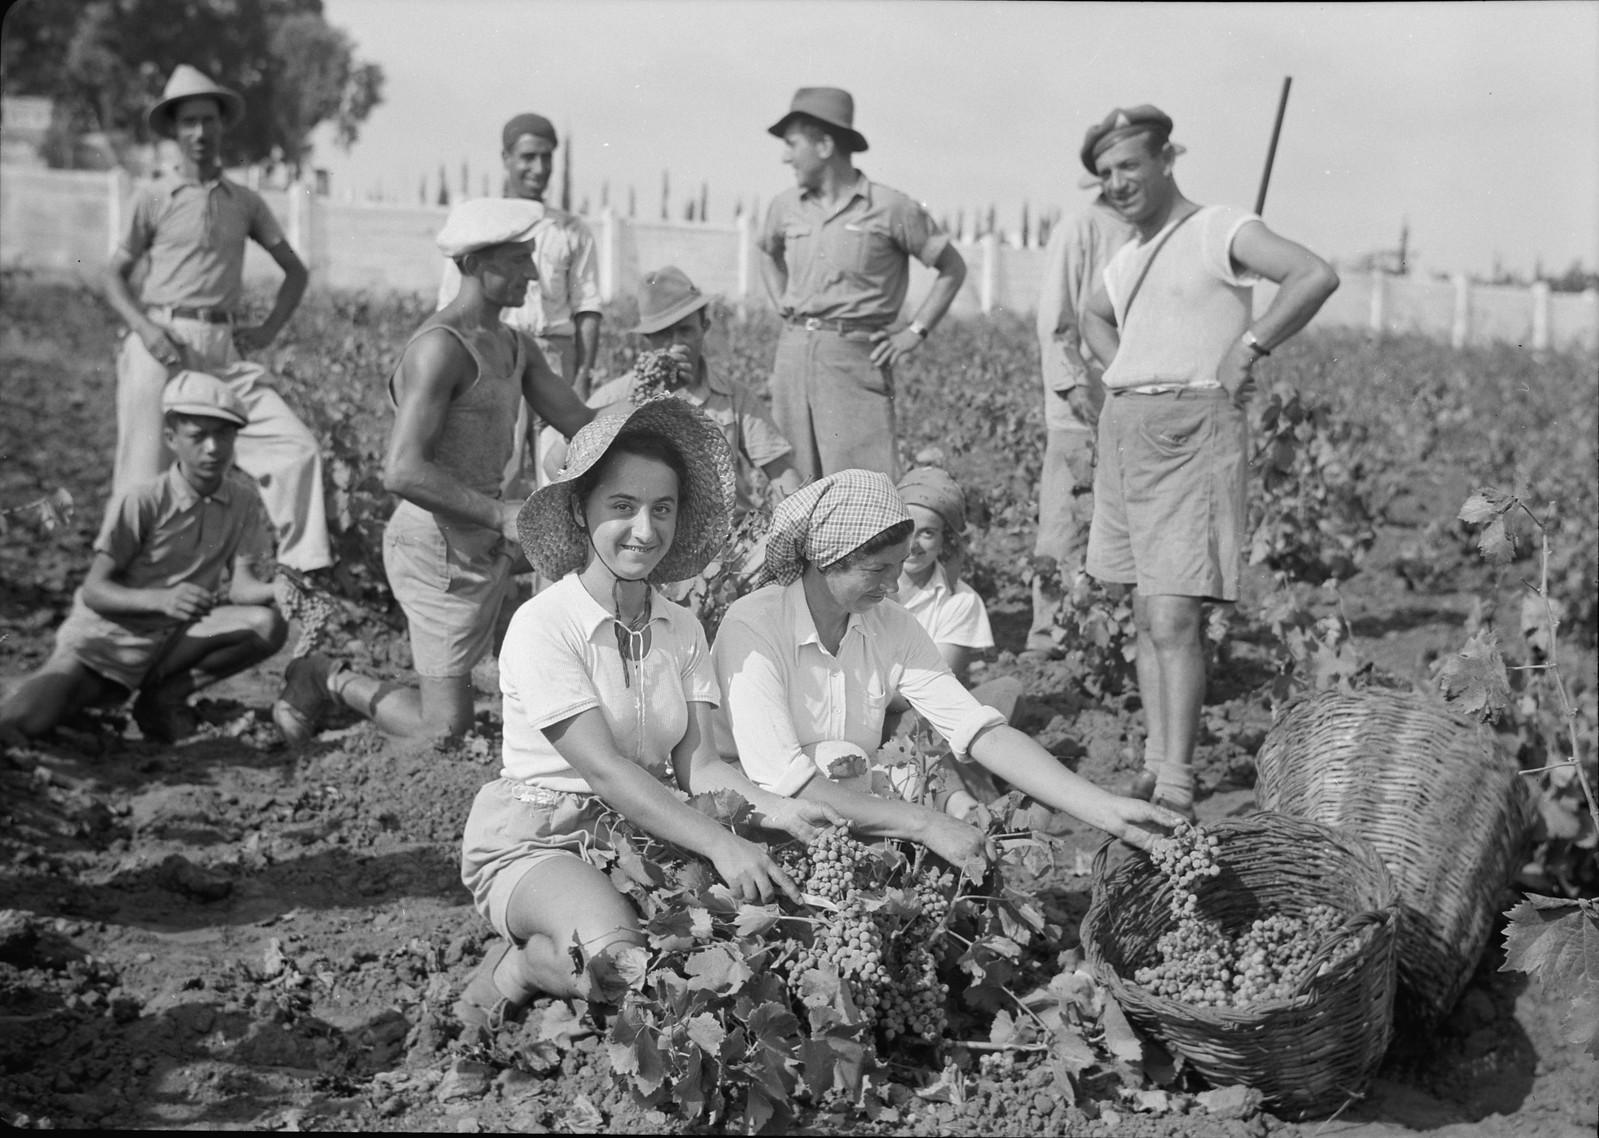 10. Группа сборщиков винограда и военнизированная охрана